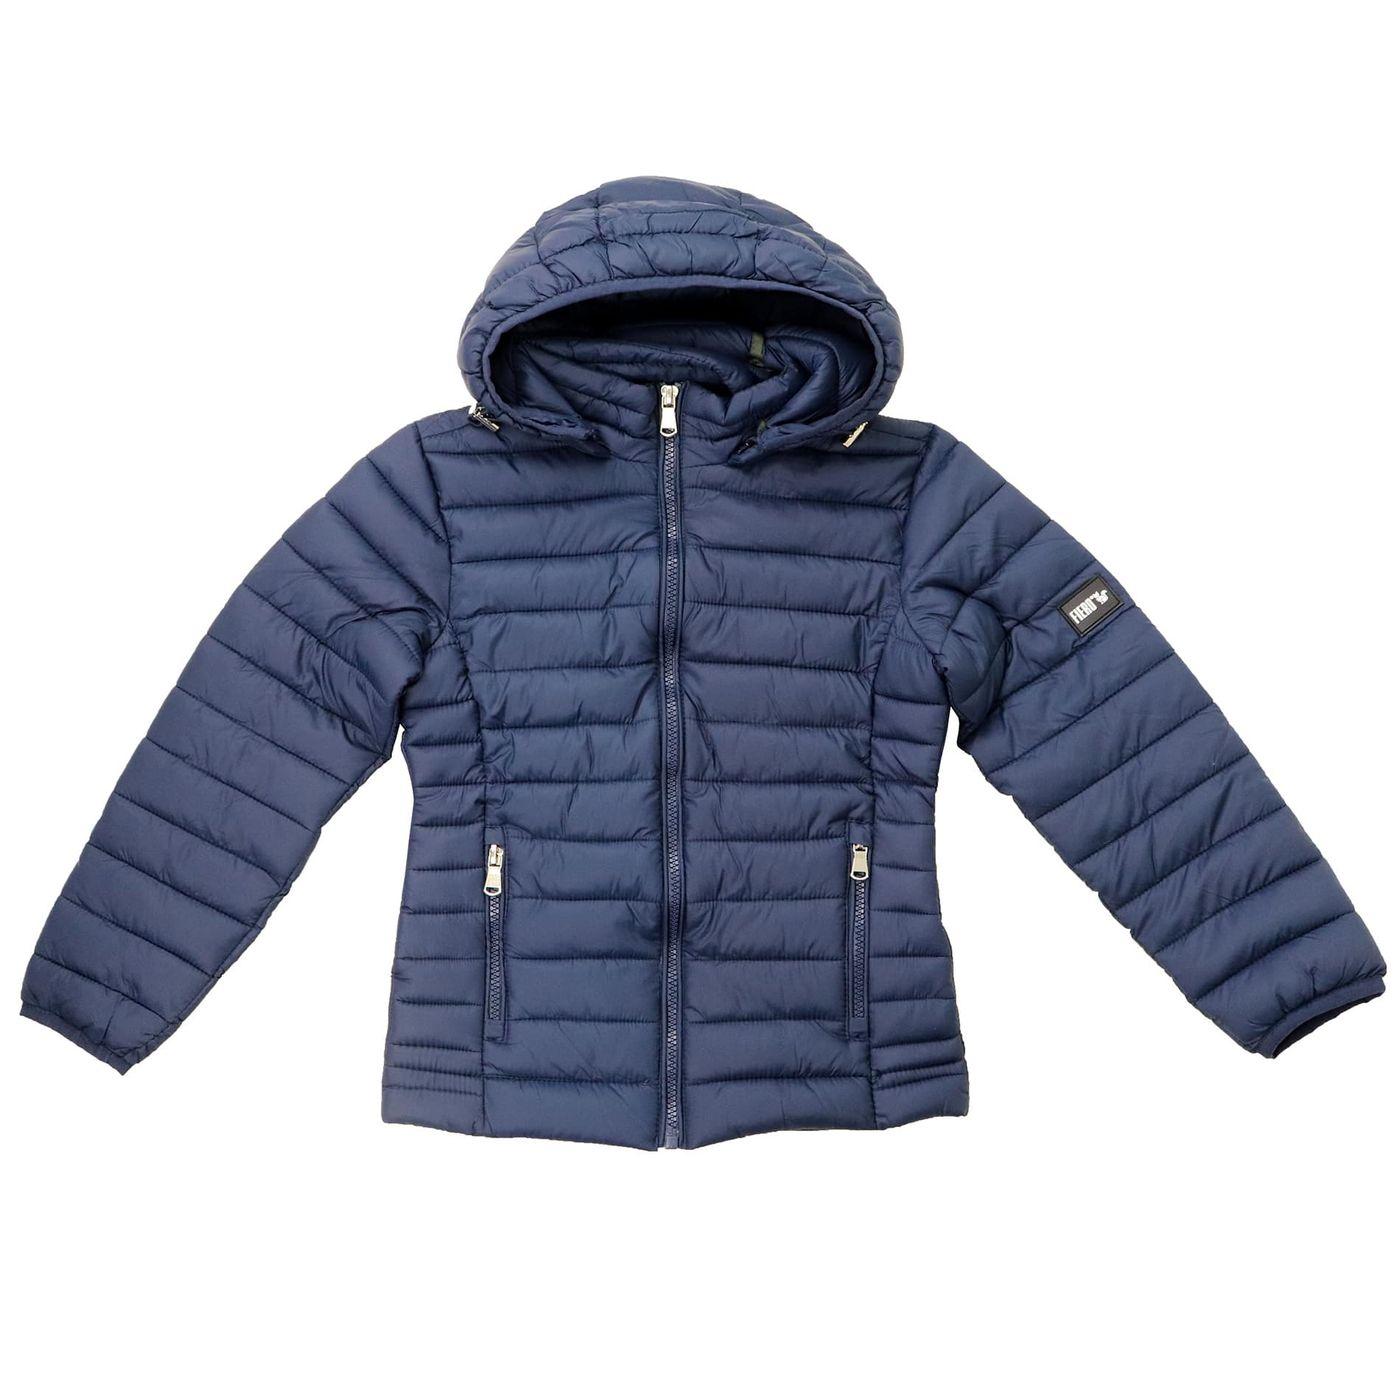 851f36b50 Jaqueta Infatil Glacial para o inverno e frio intenso - fieroshop